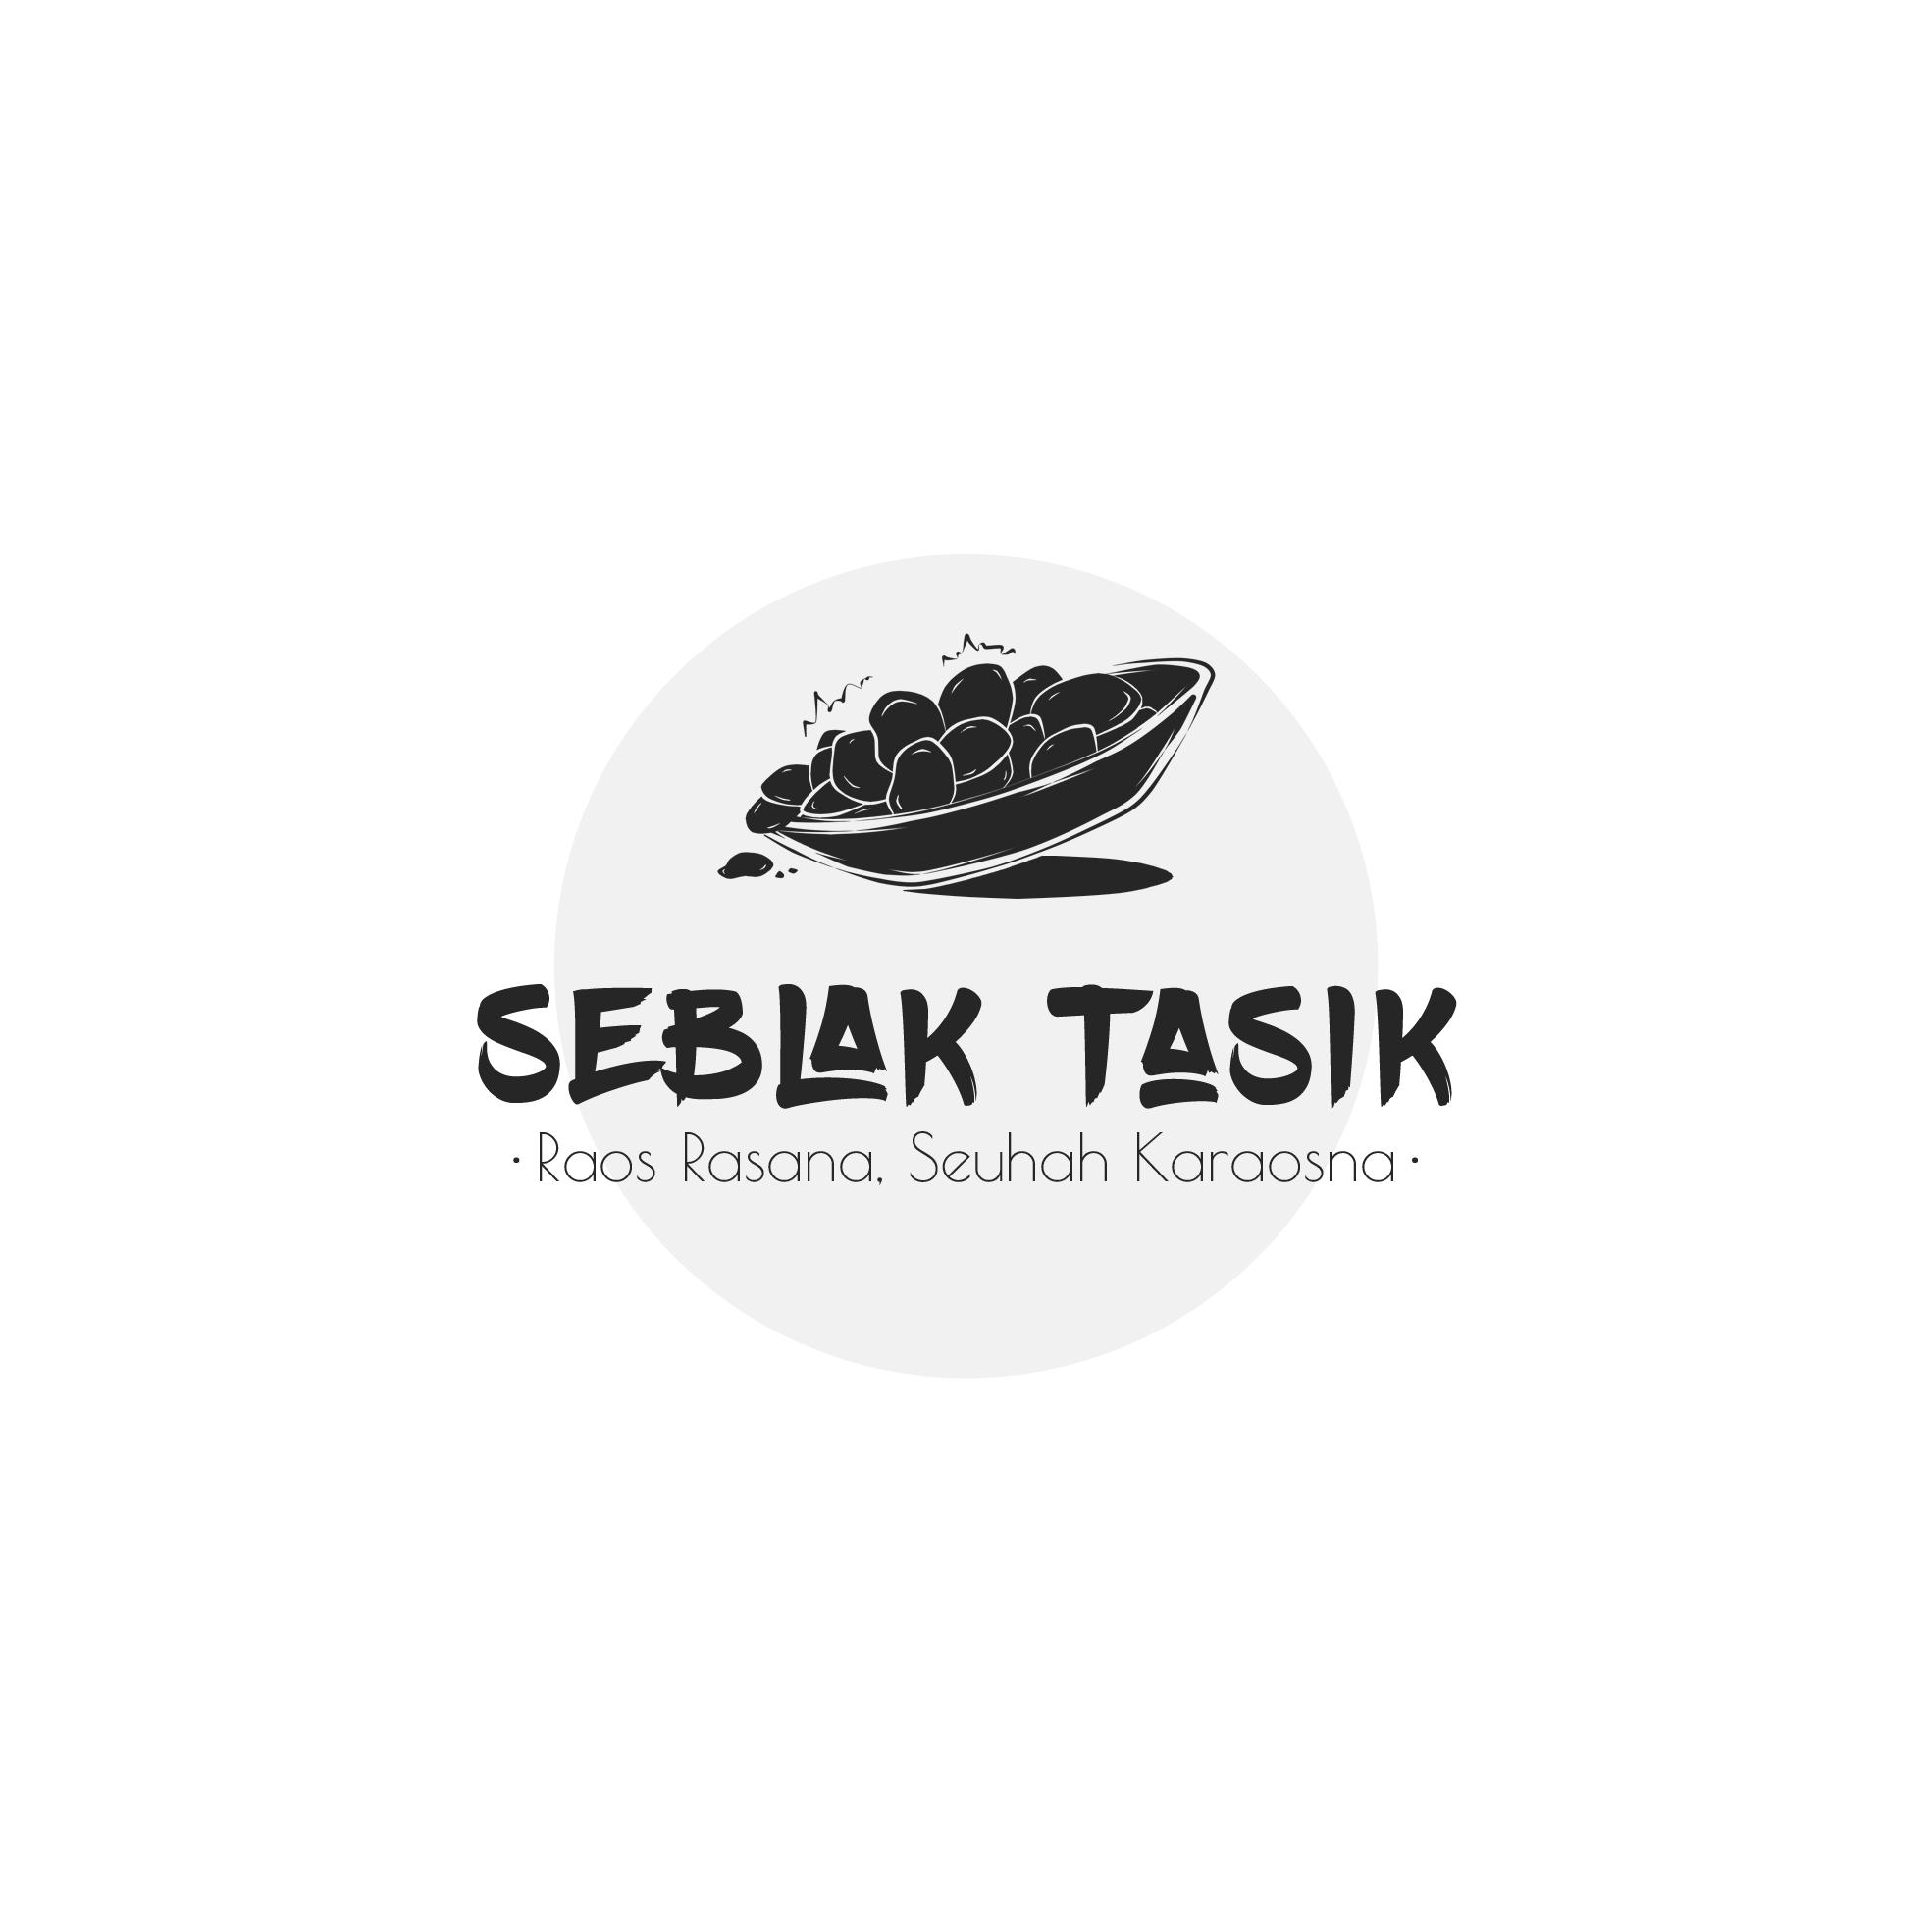 Design Banner Seblak - desain spanduk keren